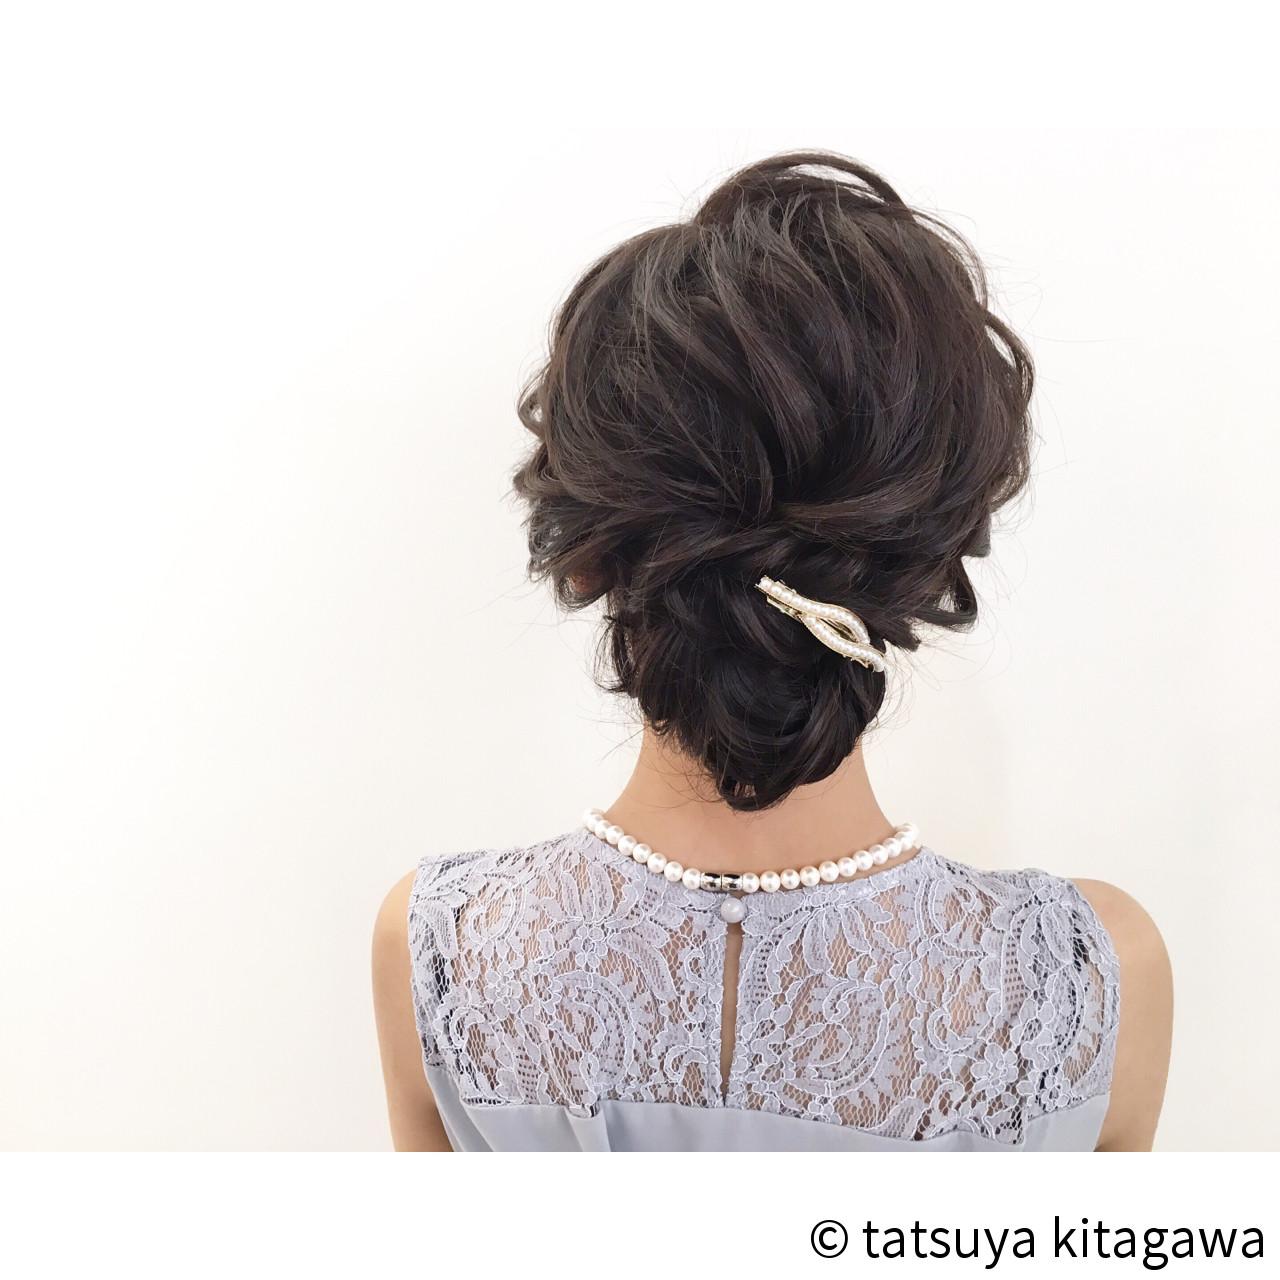 上品 外国人風 ヘアアレンジ アップスタイル ヘアスタイルや髪型の写真・画像